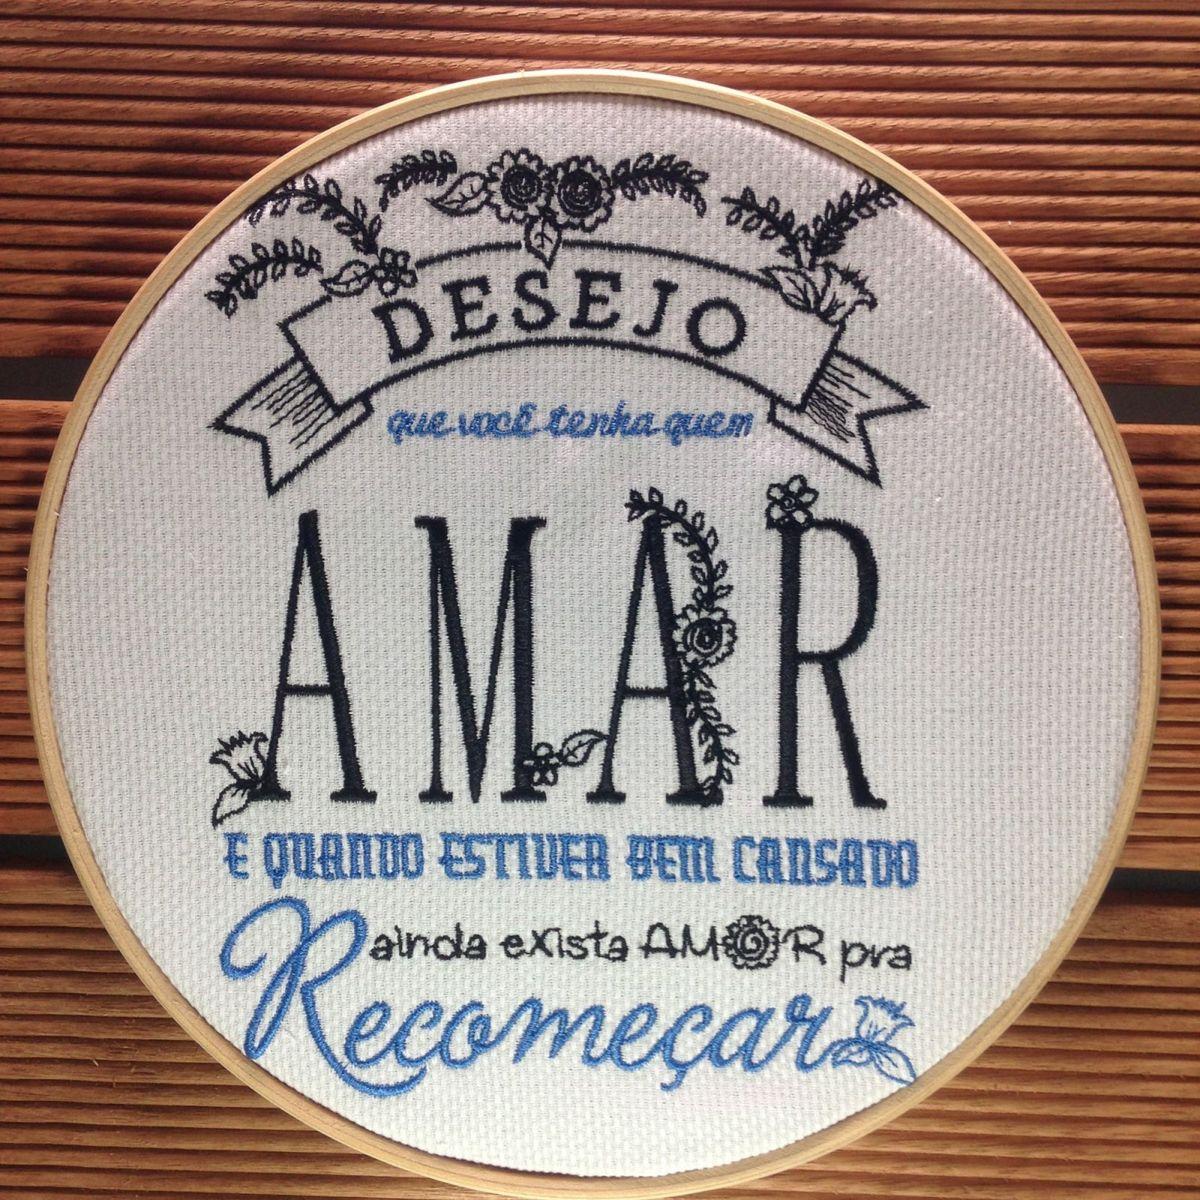 aceeb4b9e4 Bastidor de Madeira Recomeçar